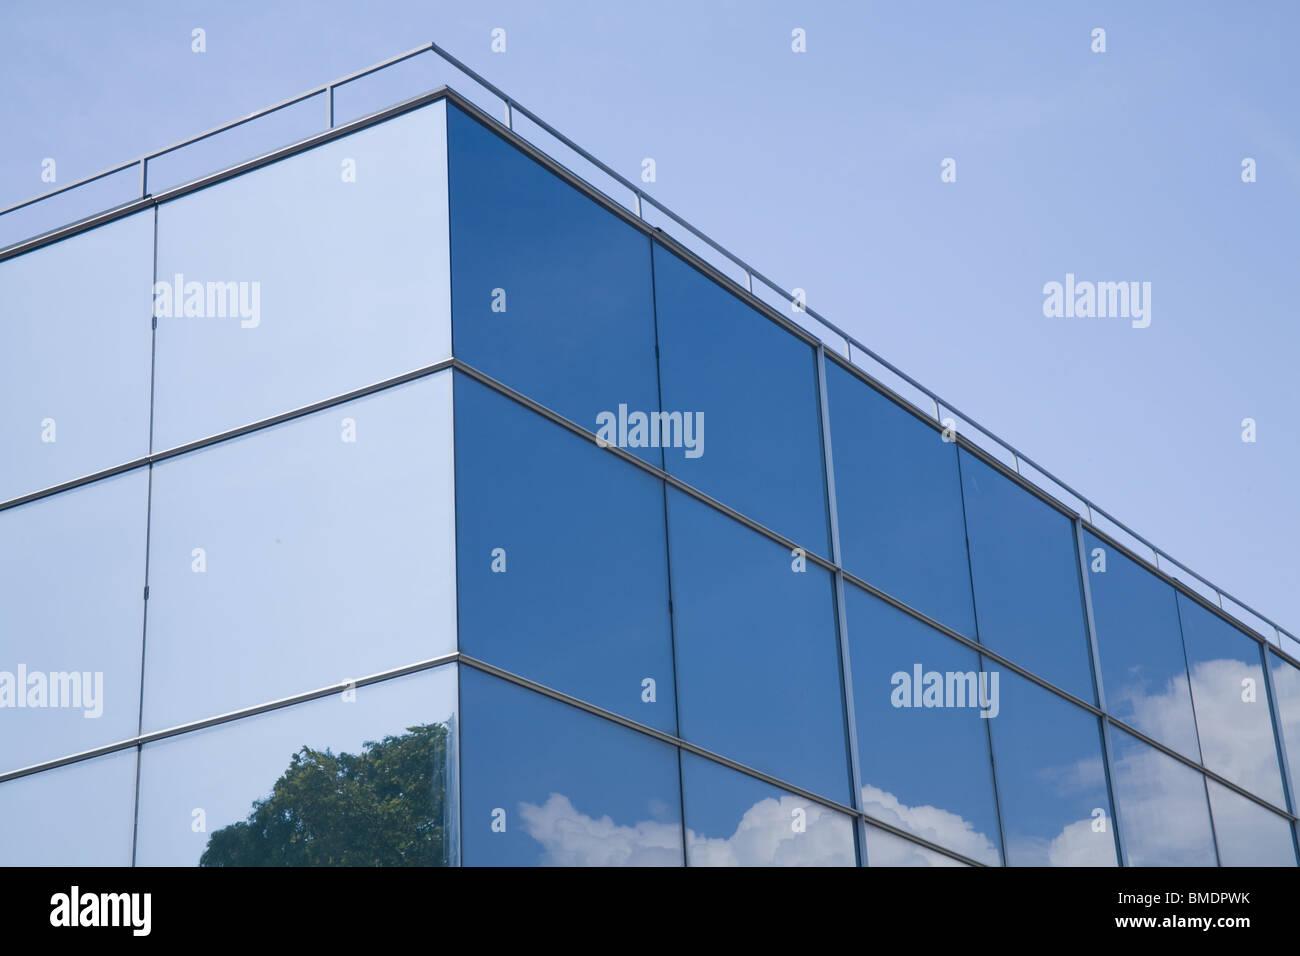 Moderno edificio di vetro con alberi e nuvole riflettono su di esso. Foto Stock